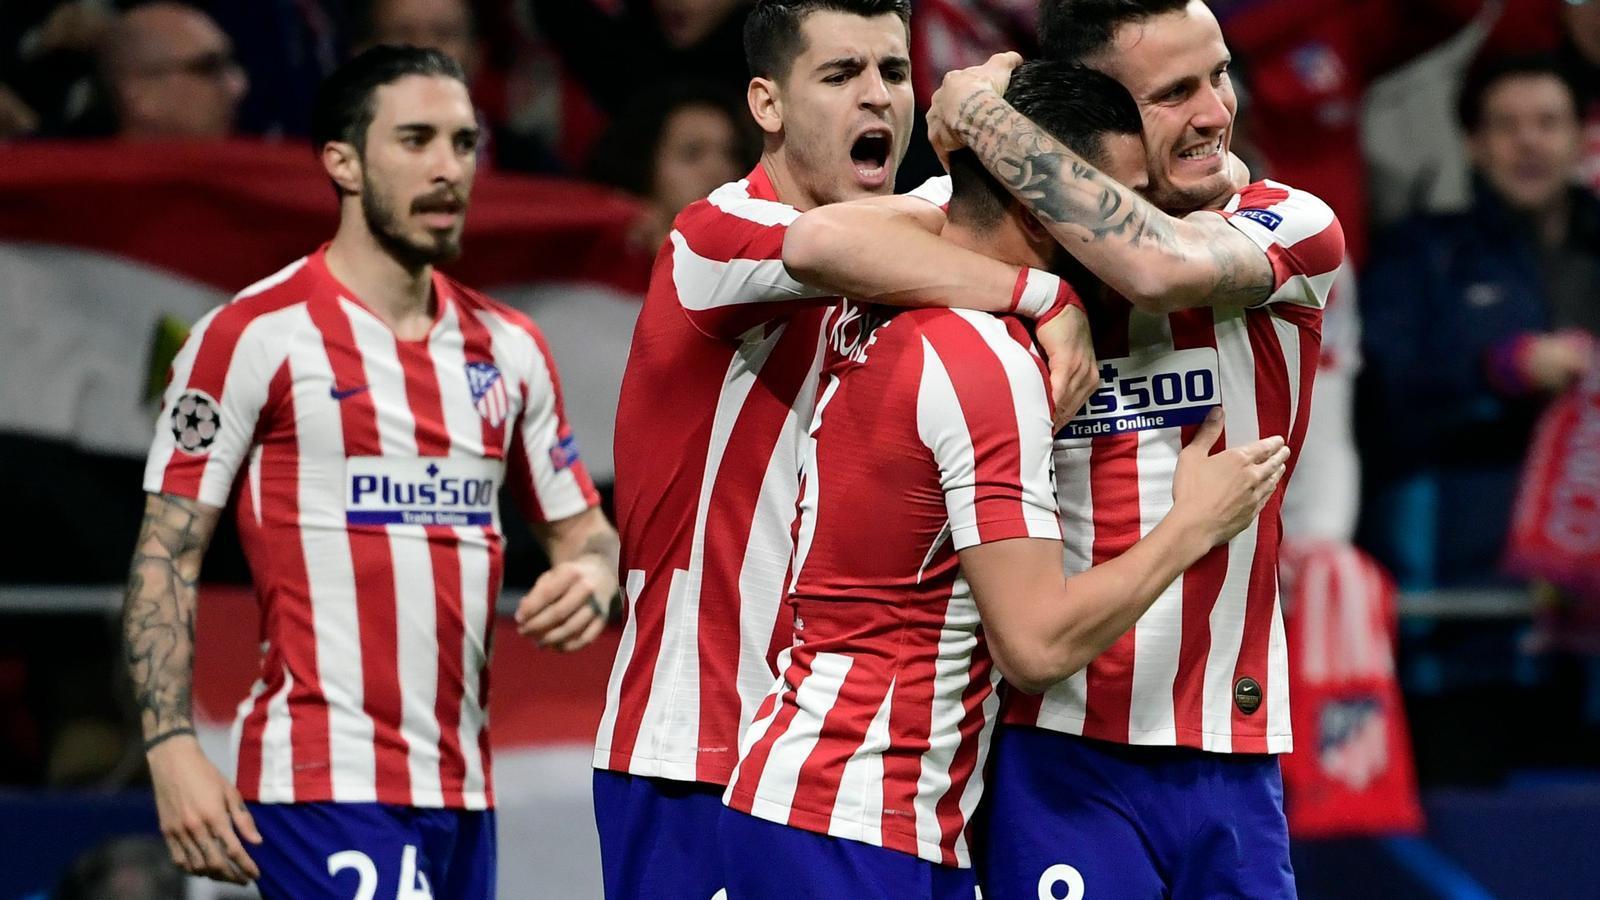 Celebració de l'Atlètic de Madrid